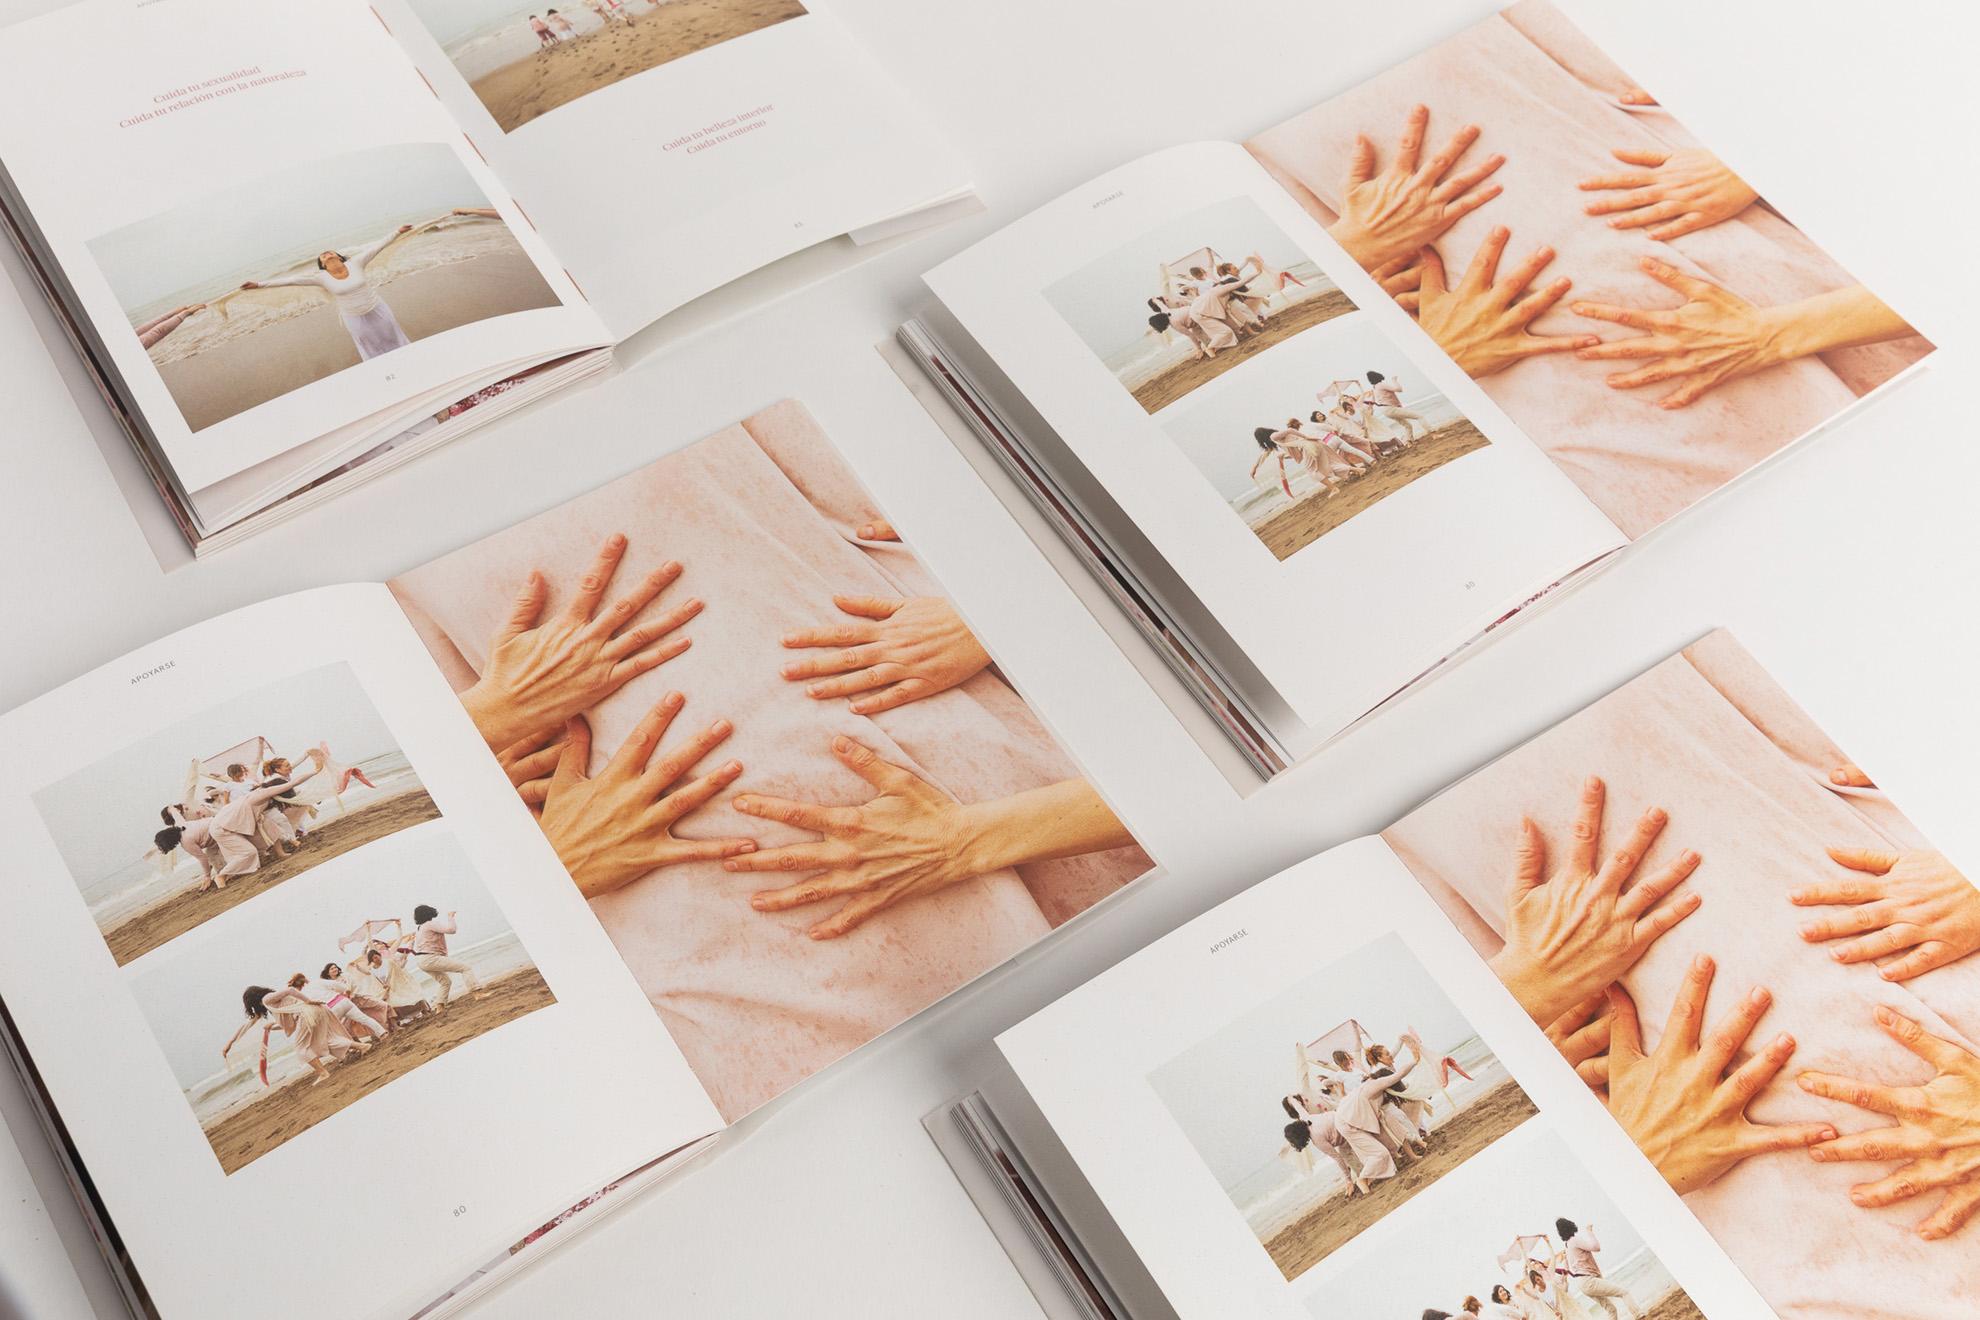 fotos_cuaderno_13 copy.jpg